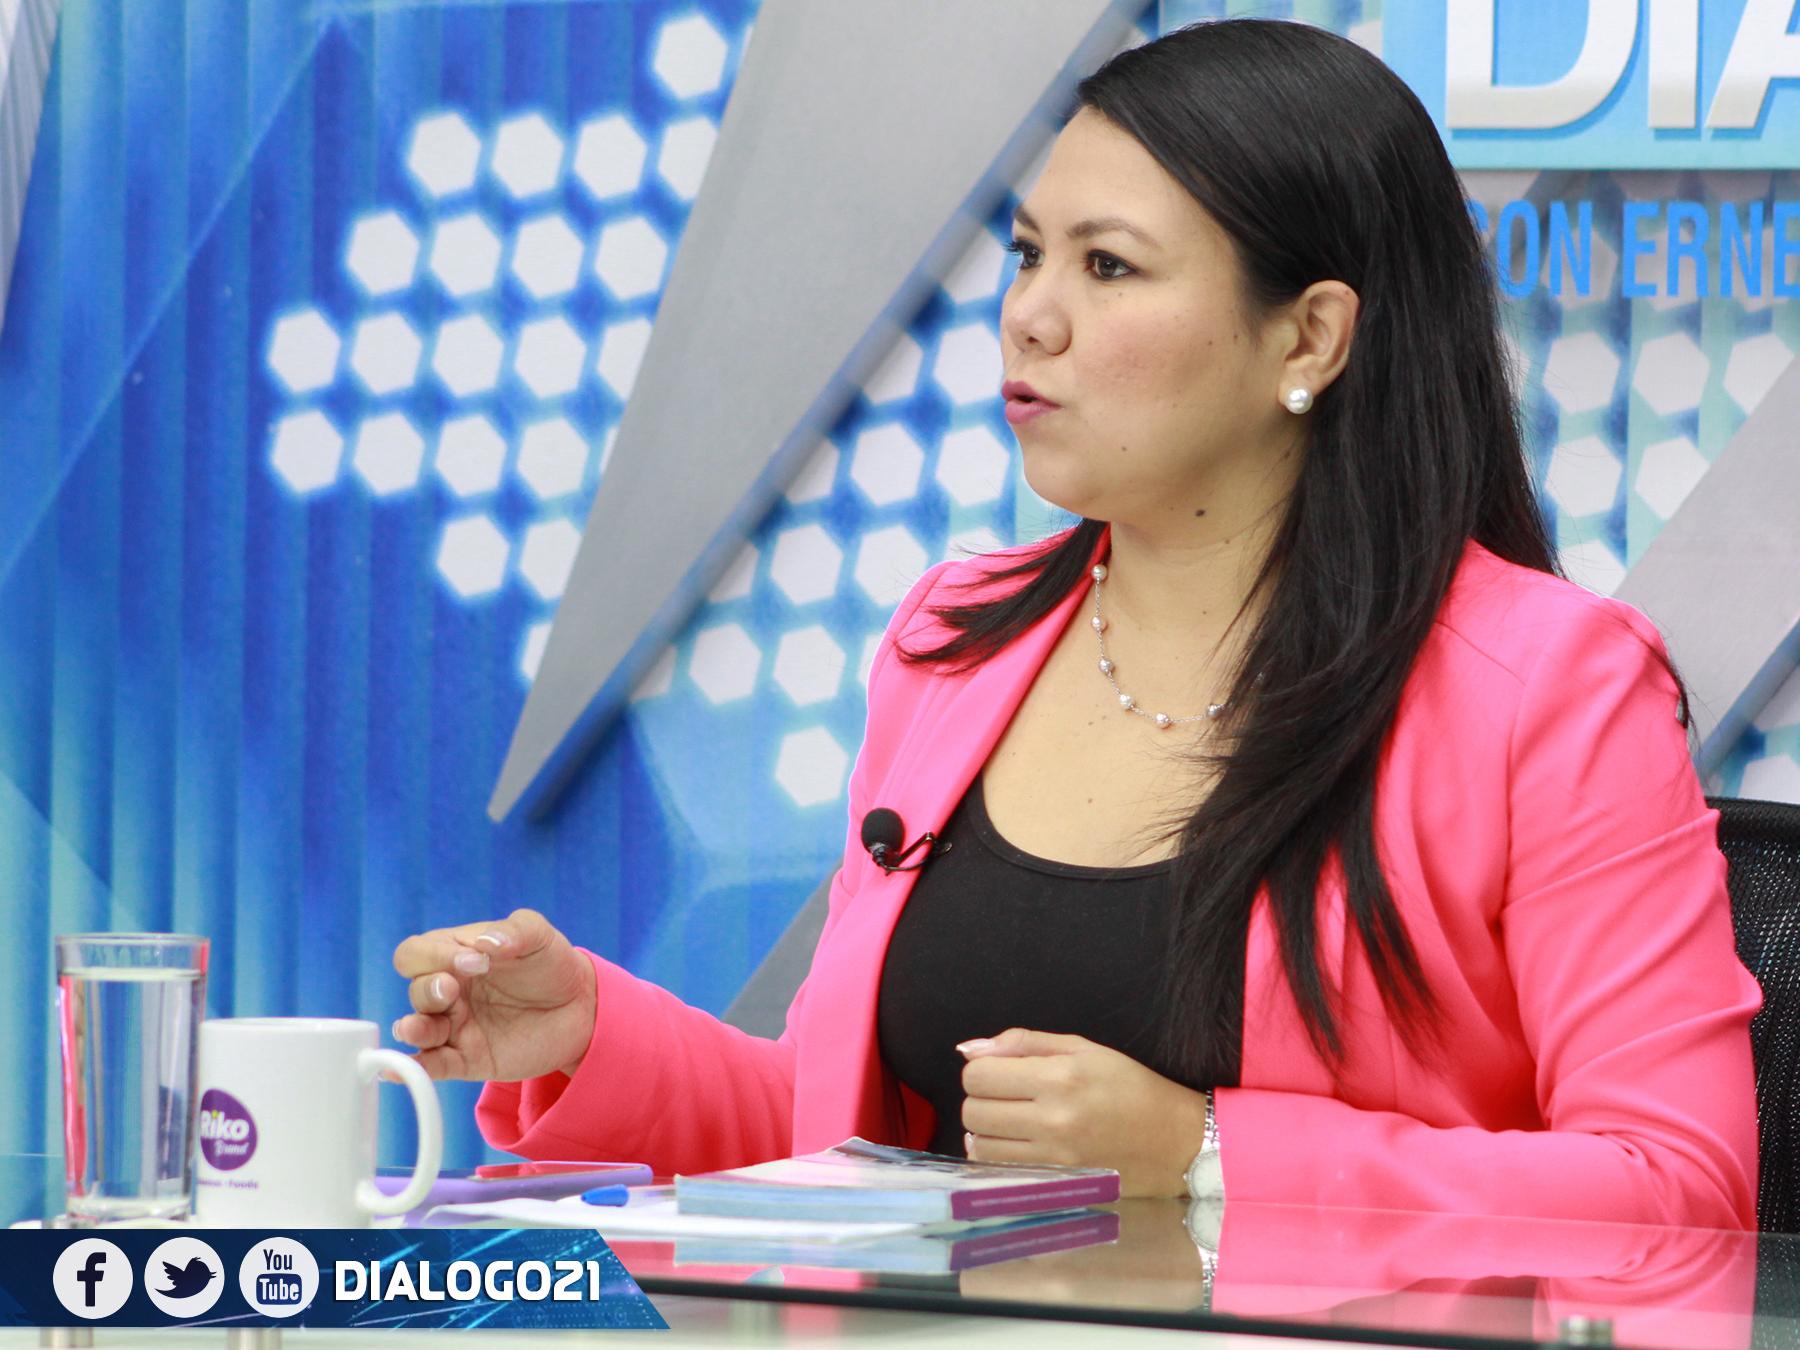 Diputada Belloso: extraña que propuesta de reducción Fodes venga de un ex alcalde